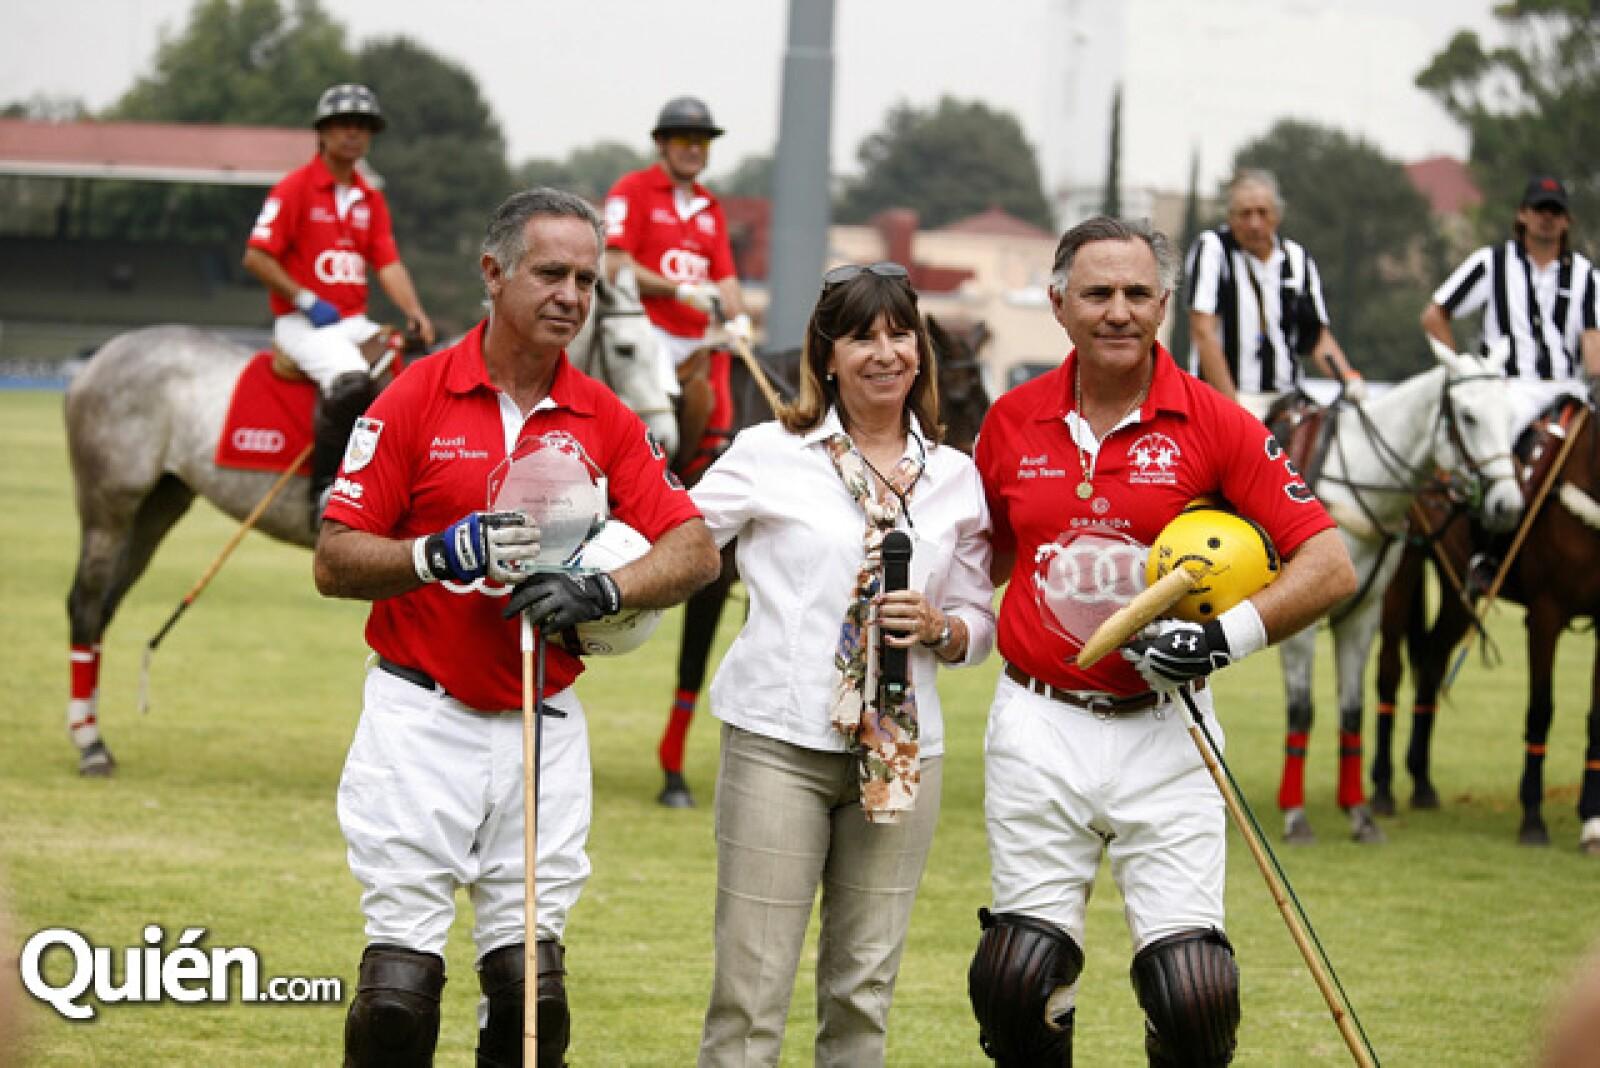 Carlos Gracida,Patricia Vaca,Guillermo Gracida